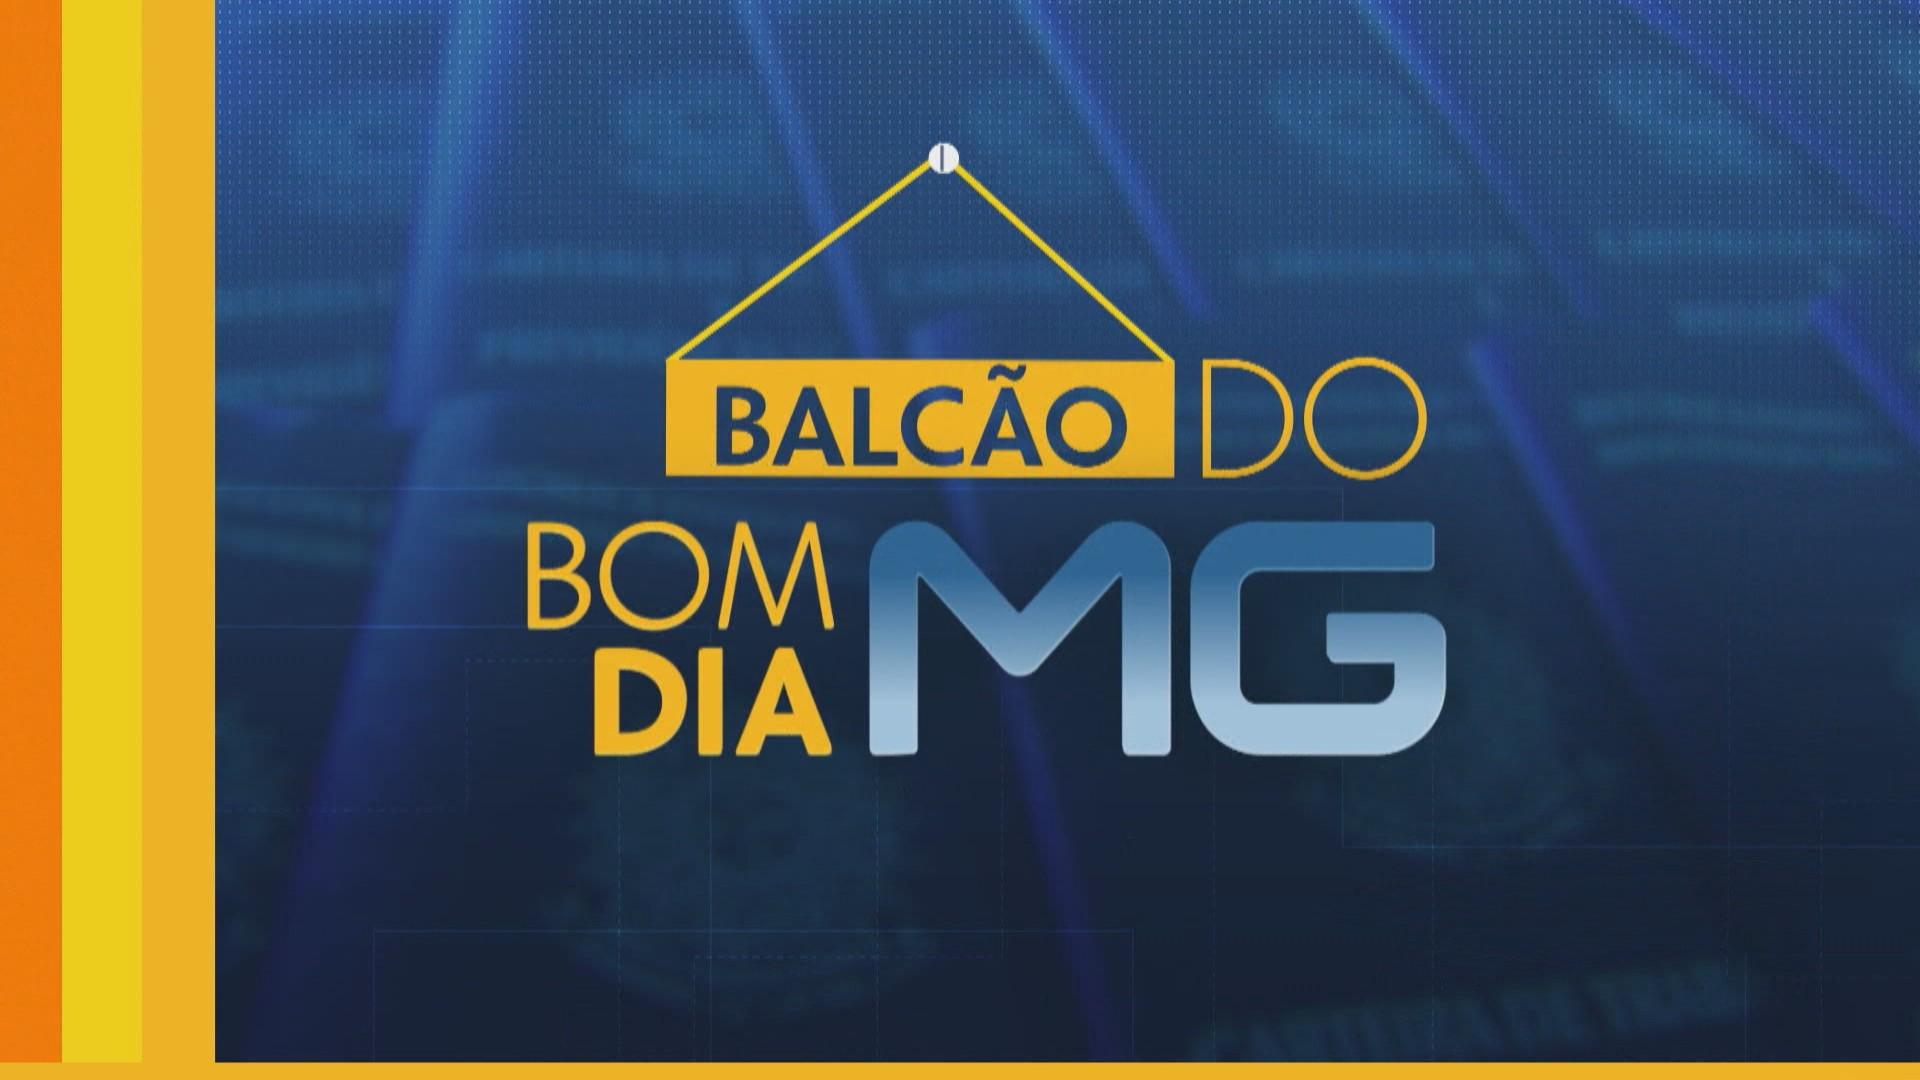 Balcão do BDMG: veja vagas de emprego e estágio em BH e região